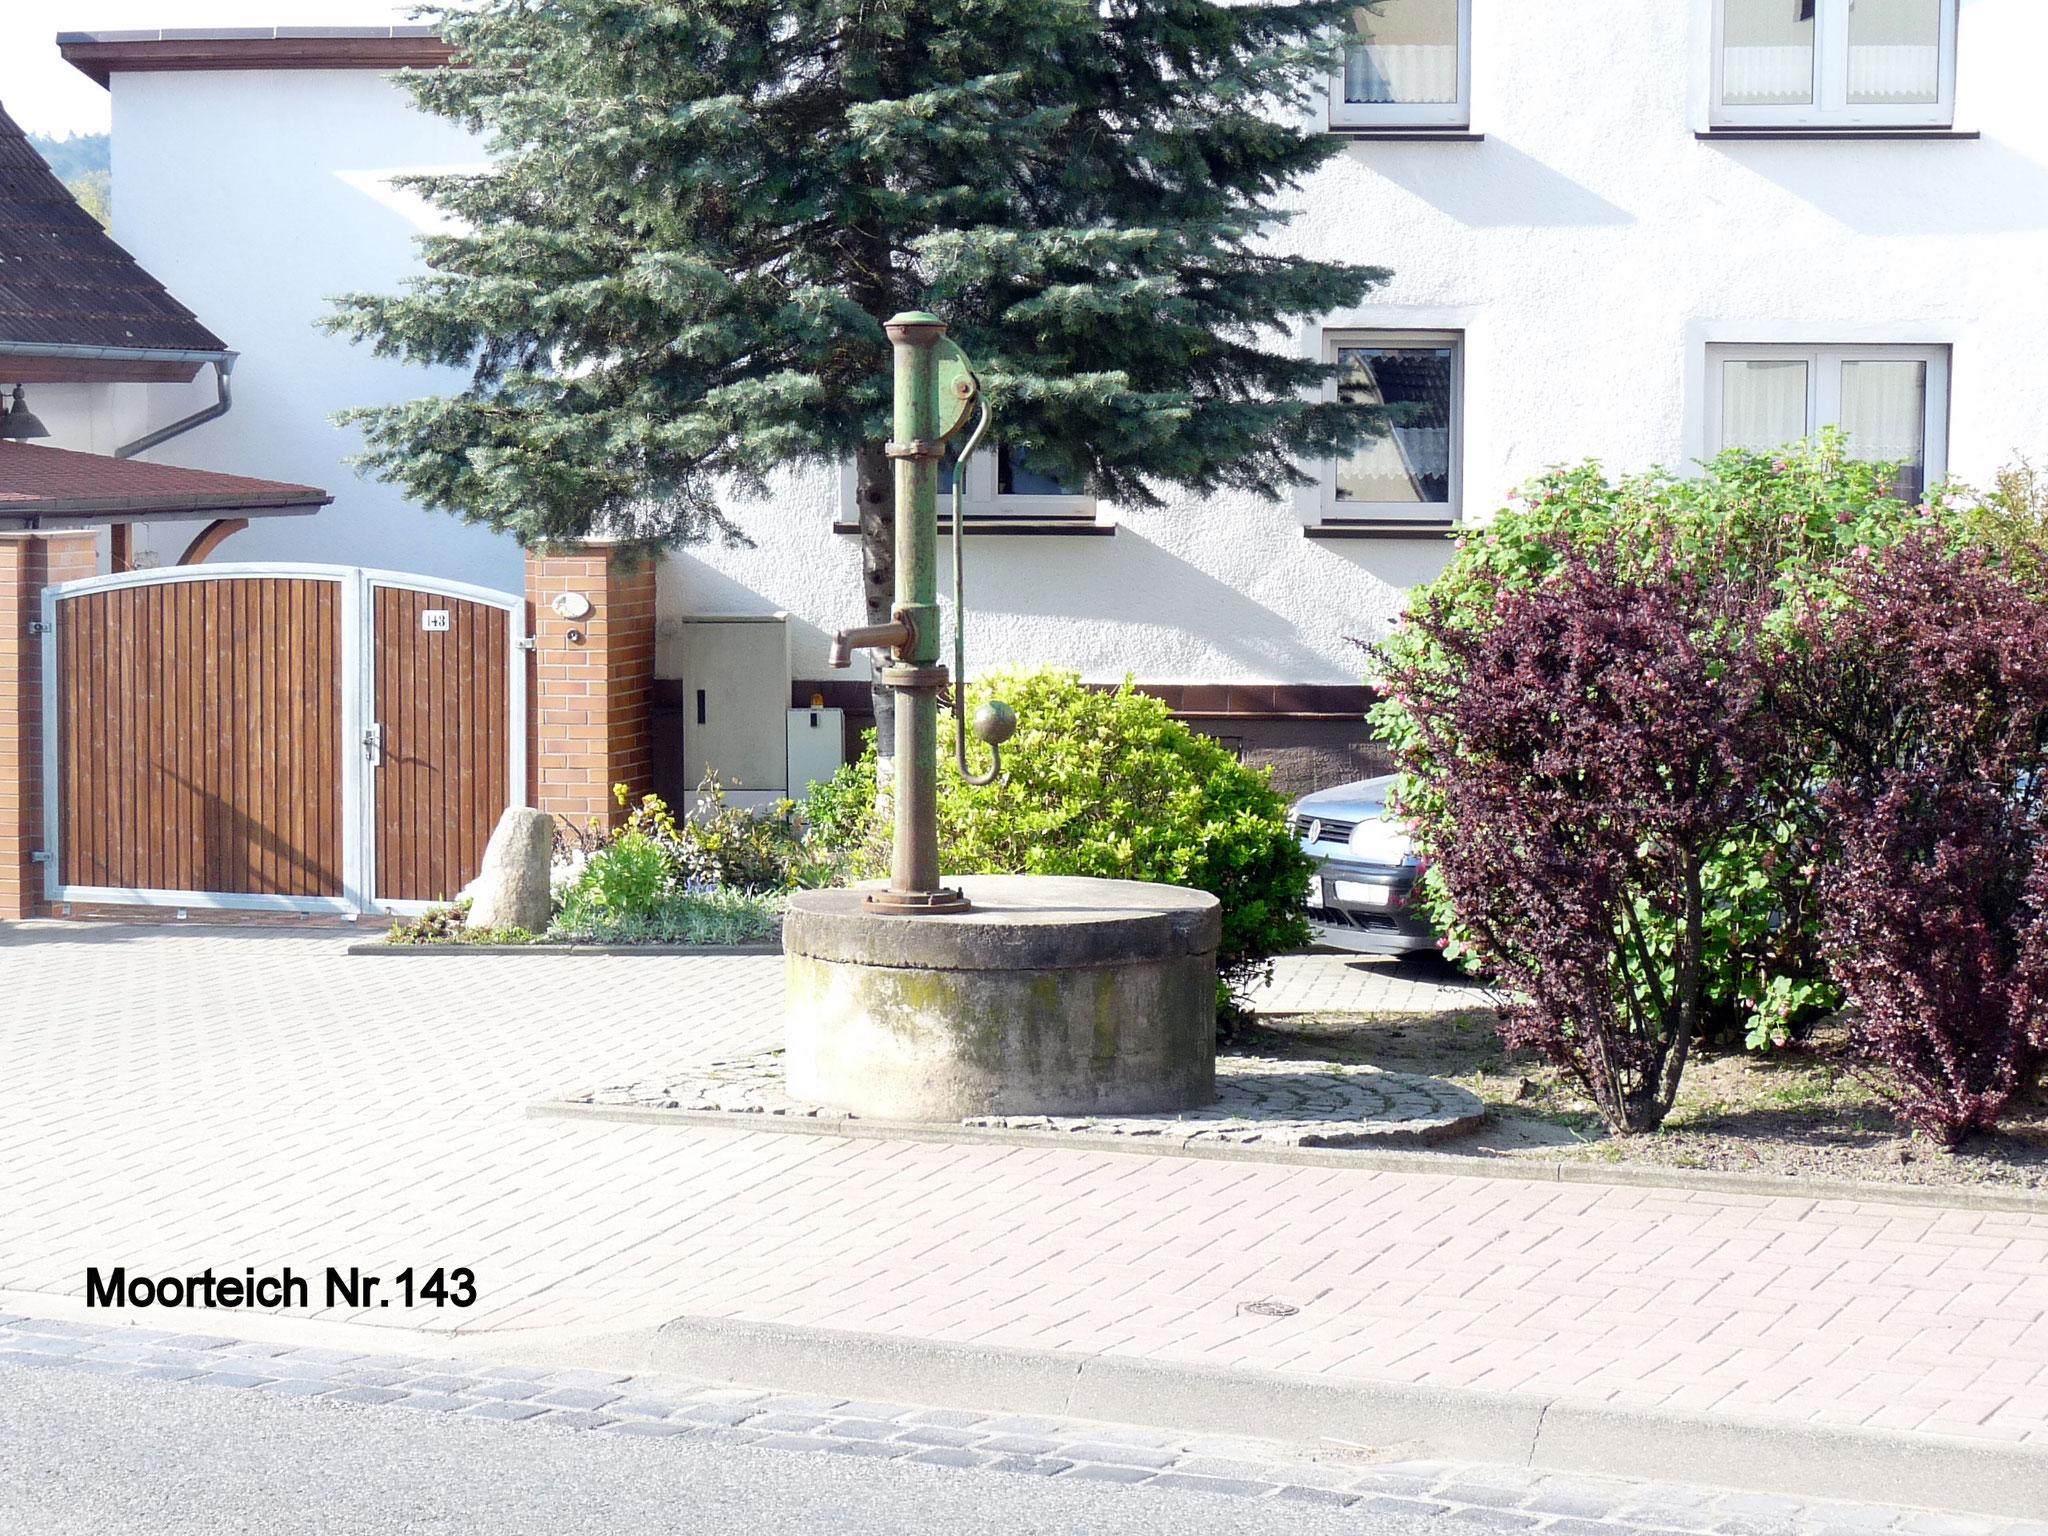 Str. d. Friedens/ Moorteich 143